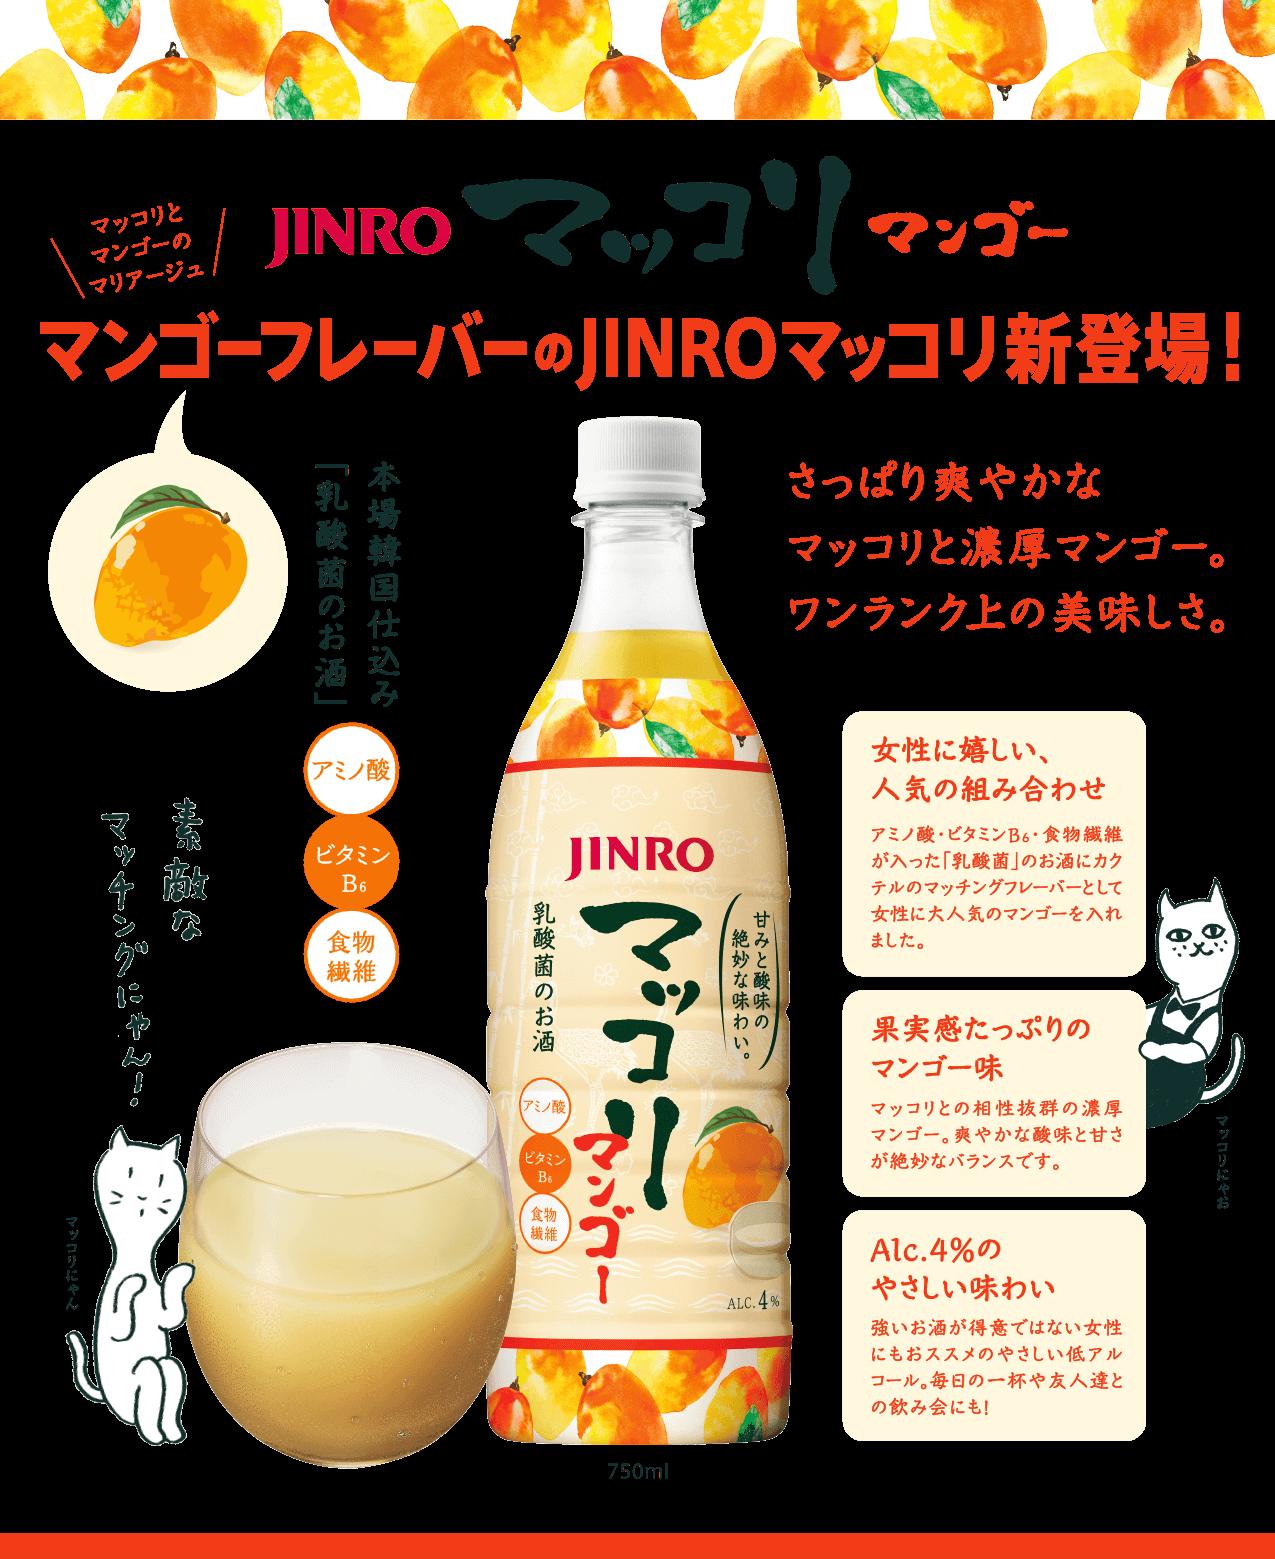 JINRO マッコリ マンゴー マンゴーフレーバーのJINROマッコリ新登場!さっぱり爽やかなマッコリと濃厚マンゴー。ワンランク上の美味しさ。